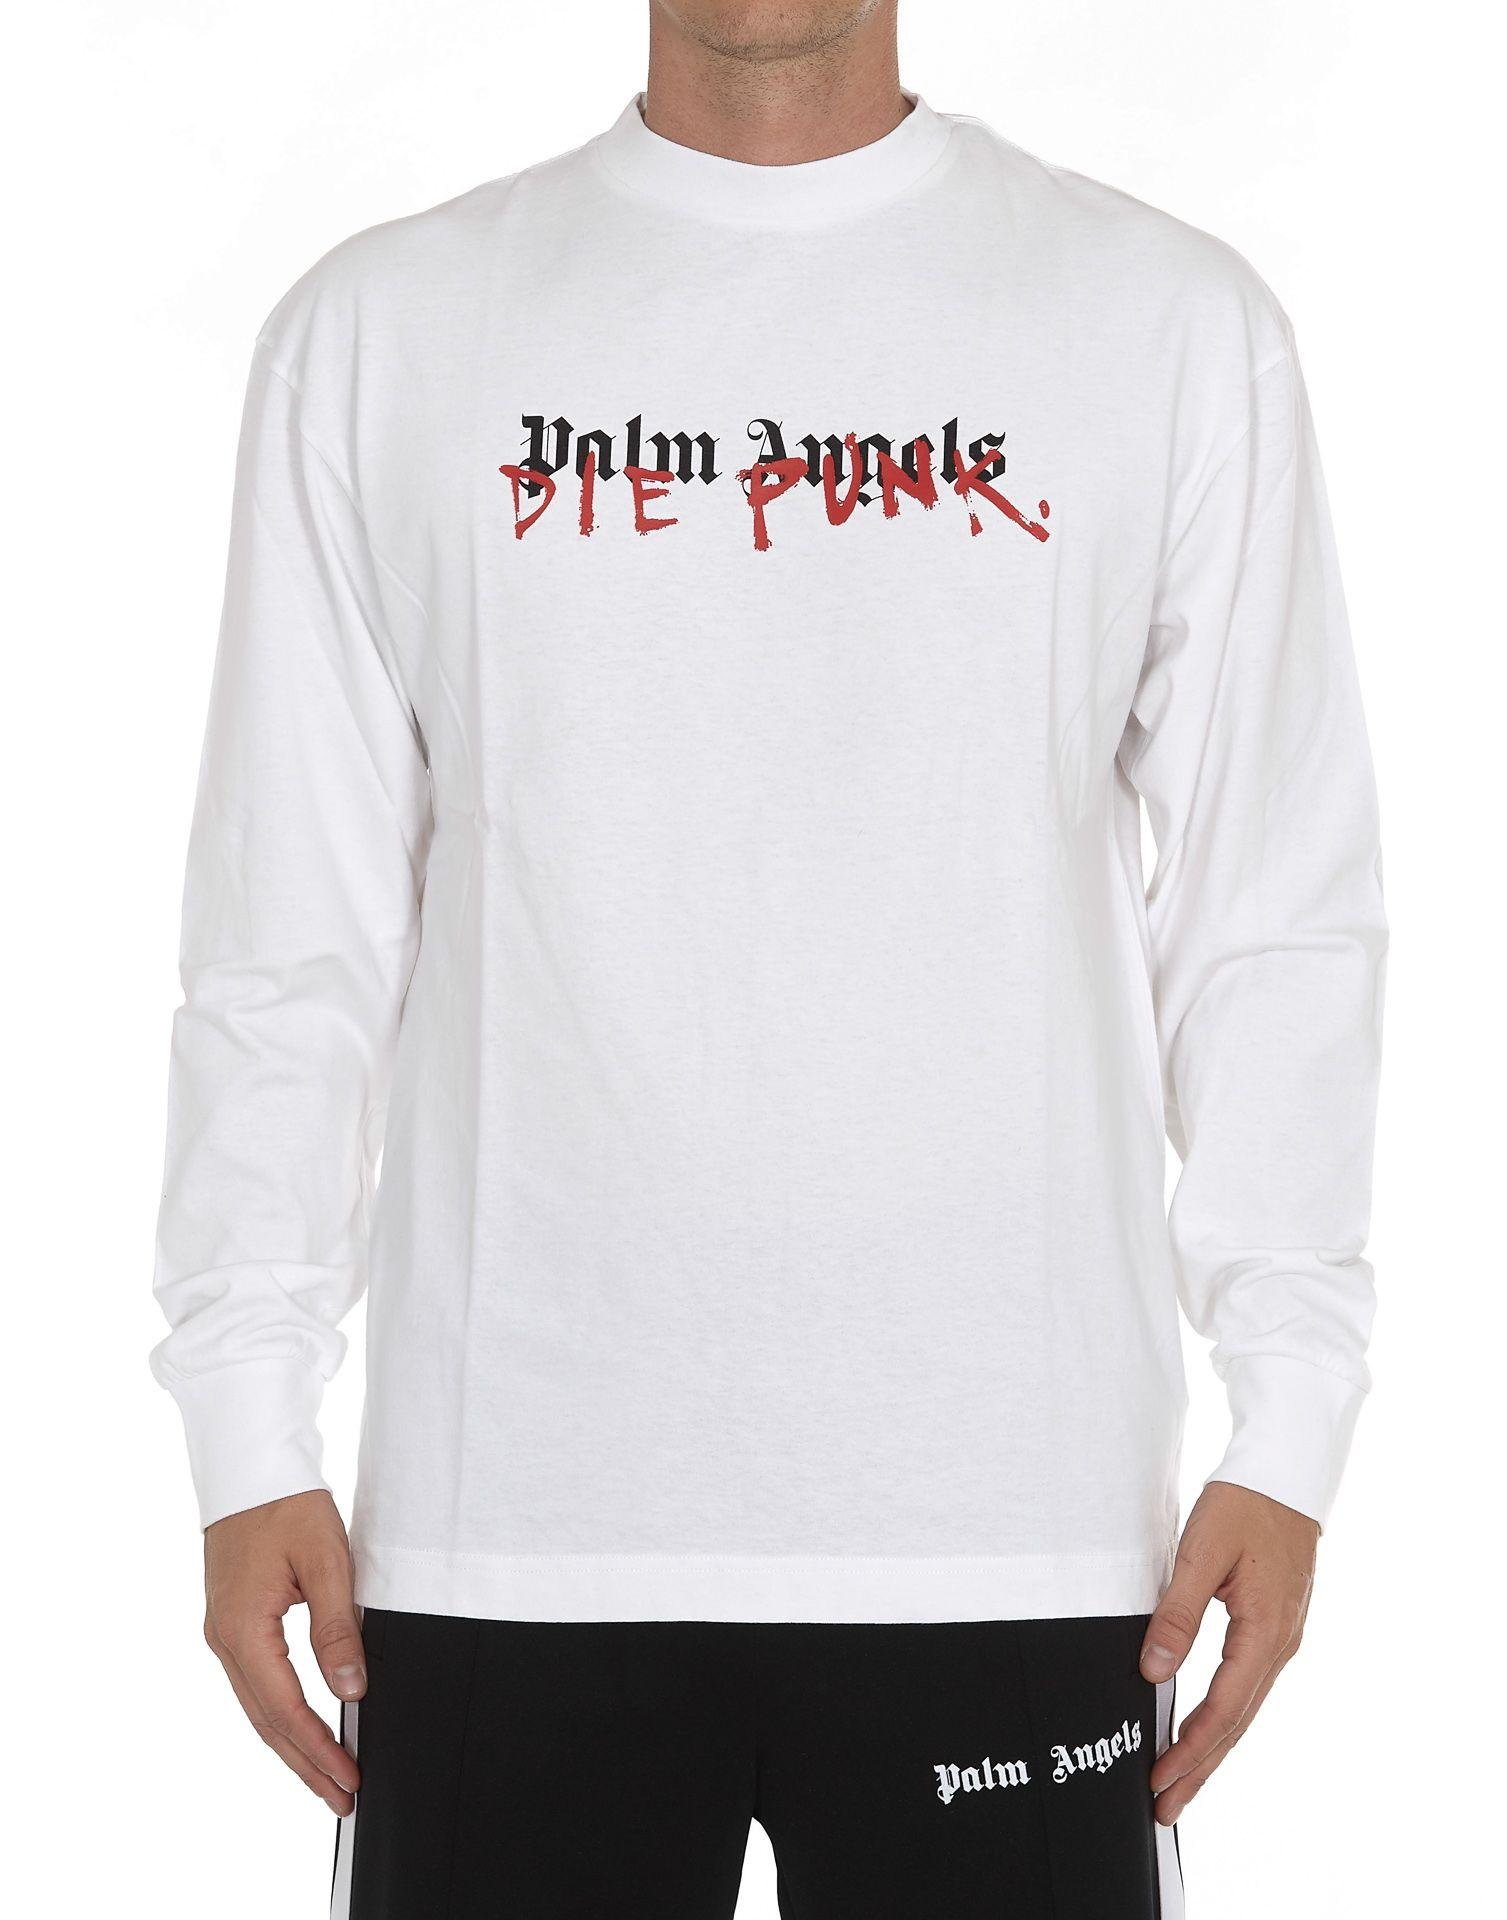 Shoppable Search Kaos Merchandise Nba Gildan Dallas Mavericks 88d671616b29fbf47dca1b4af284b331